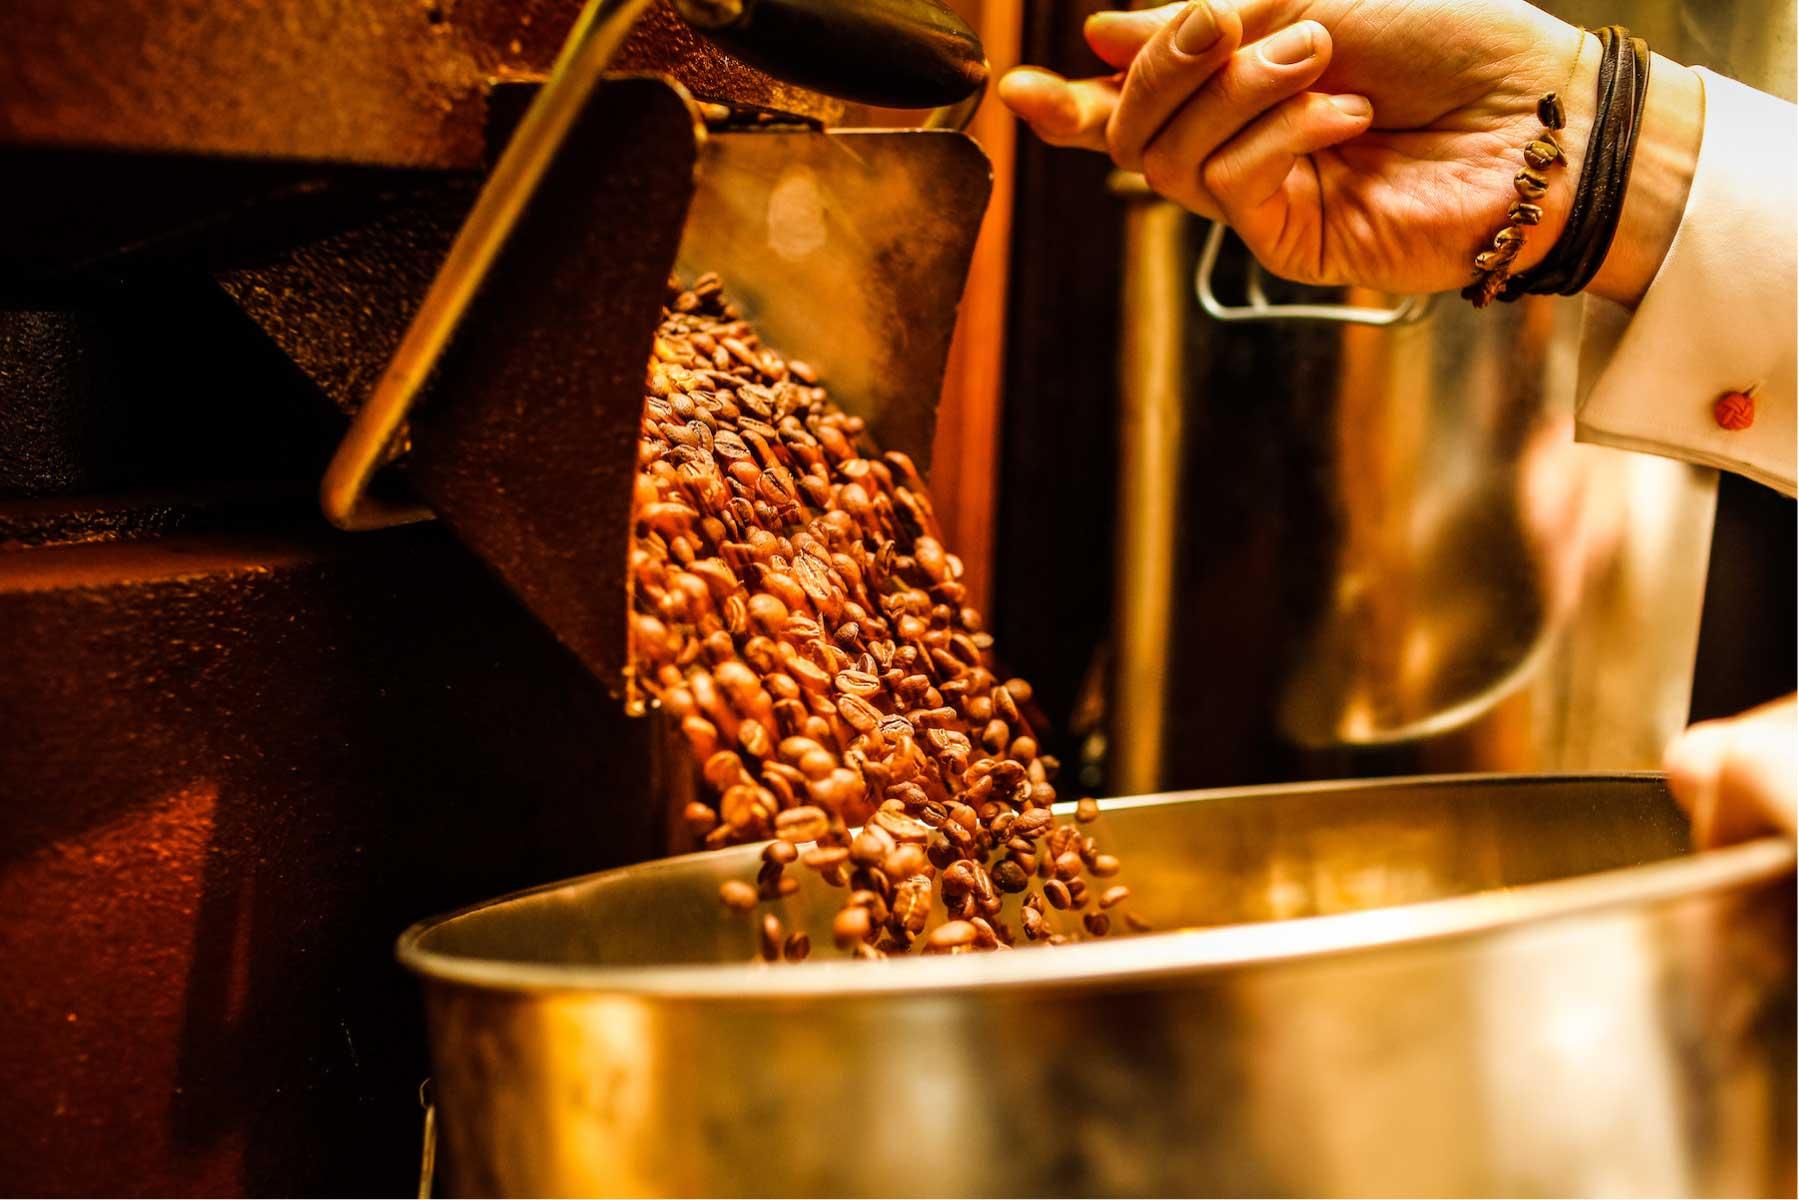 Kaffeehaus-Luebeck-Kafferöster